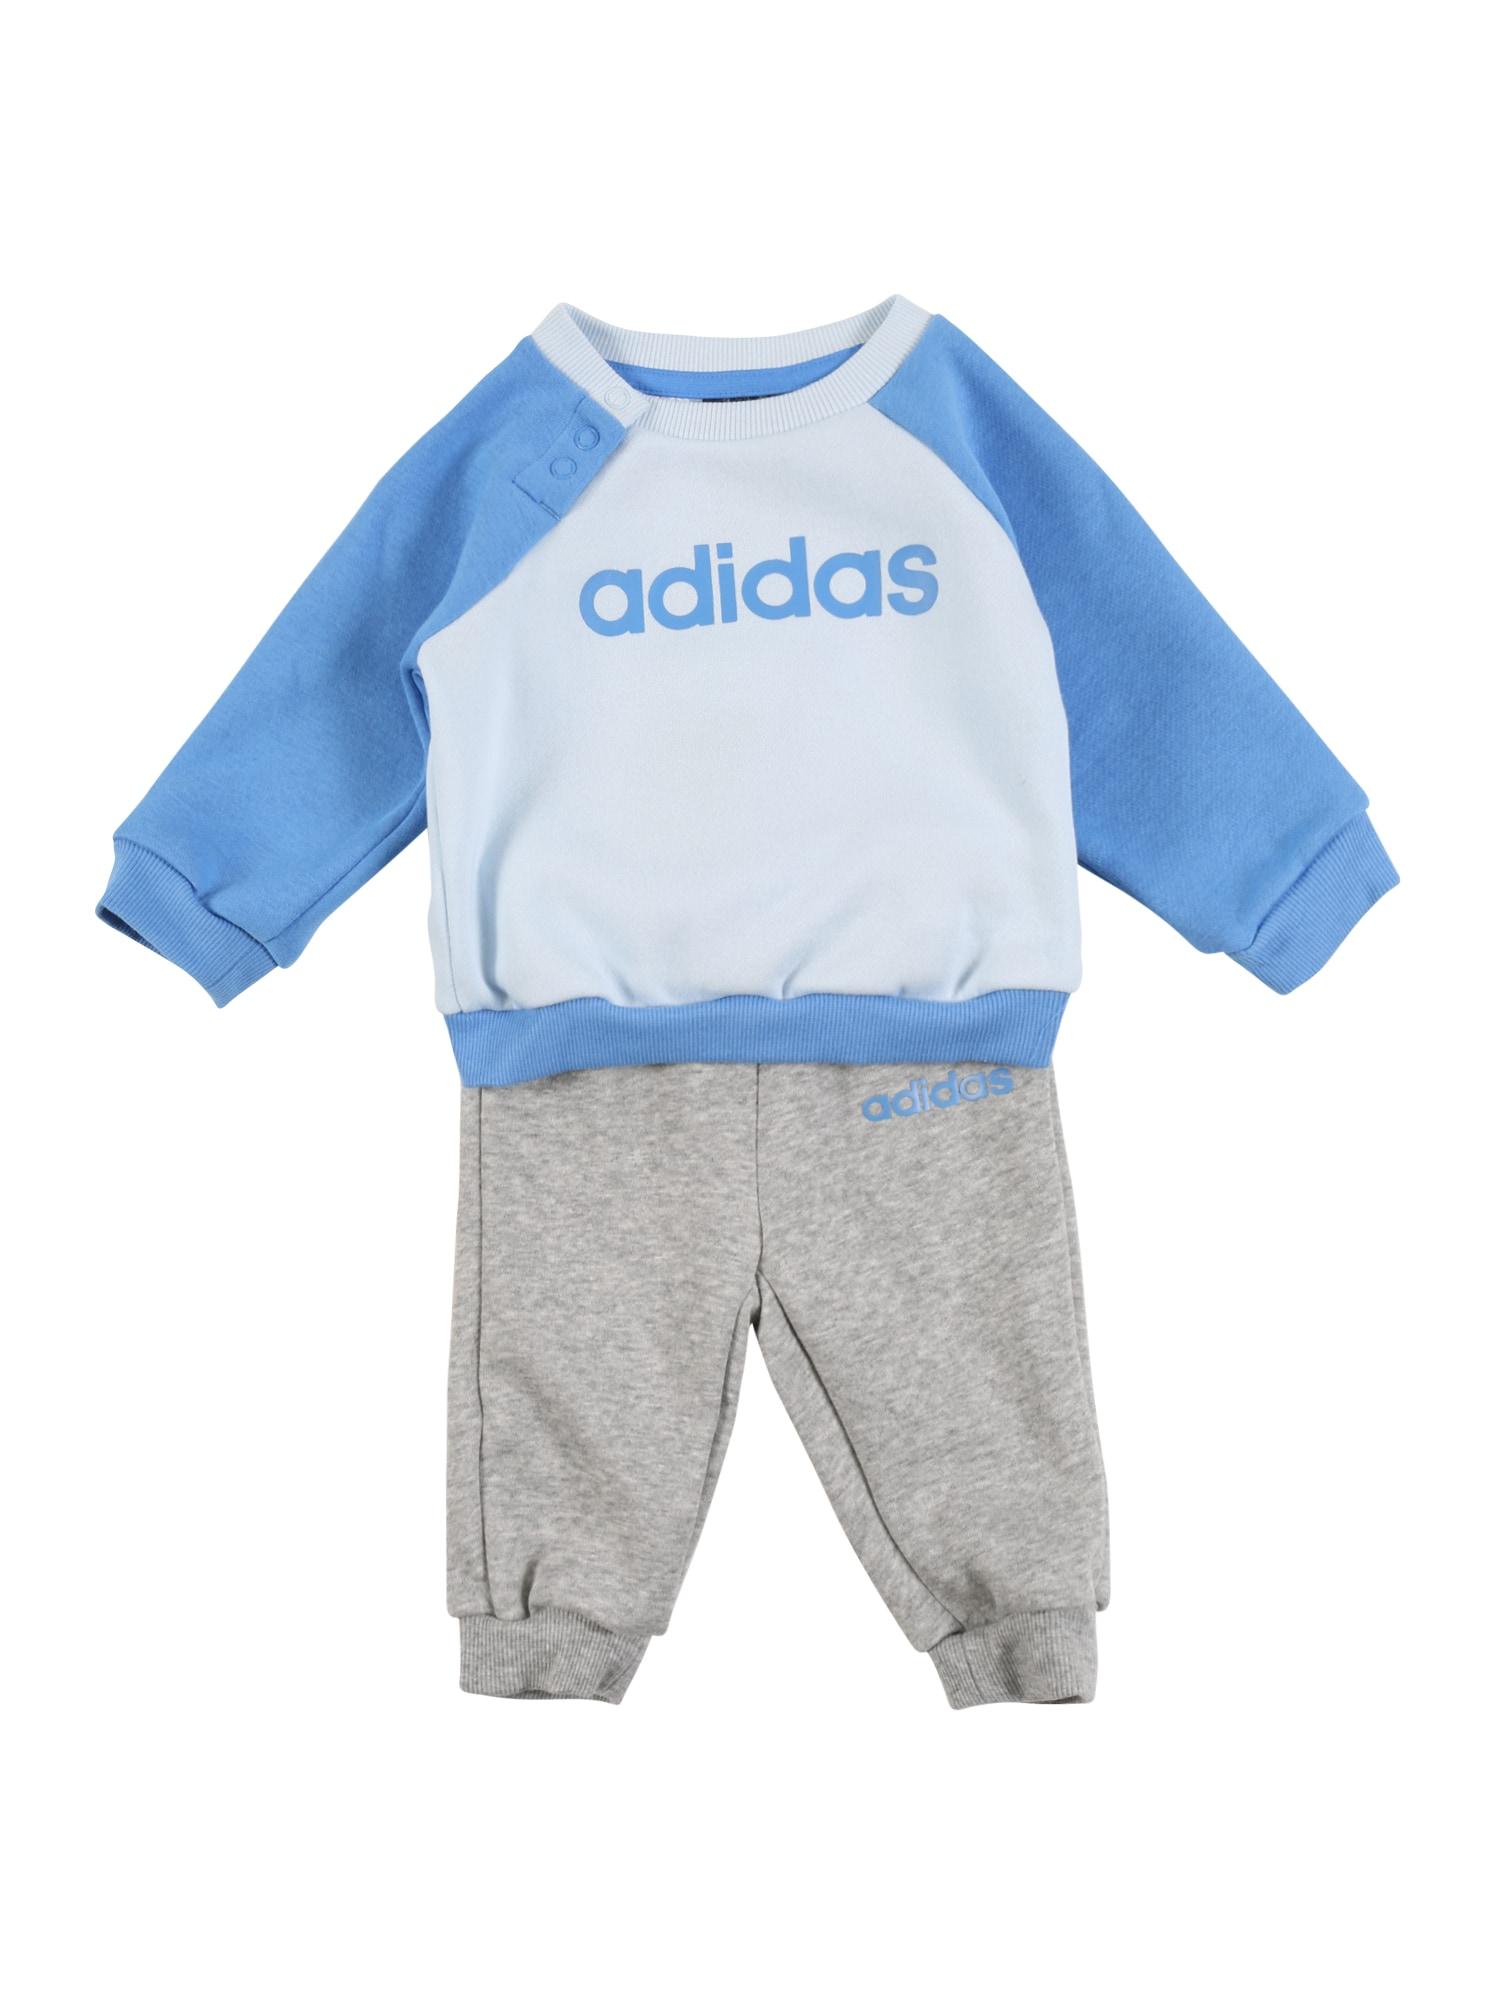 ADIDAS PERFORMANCE Sportovní oblečení  šedá / modrá